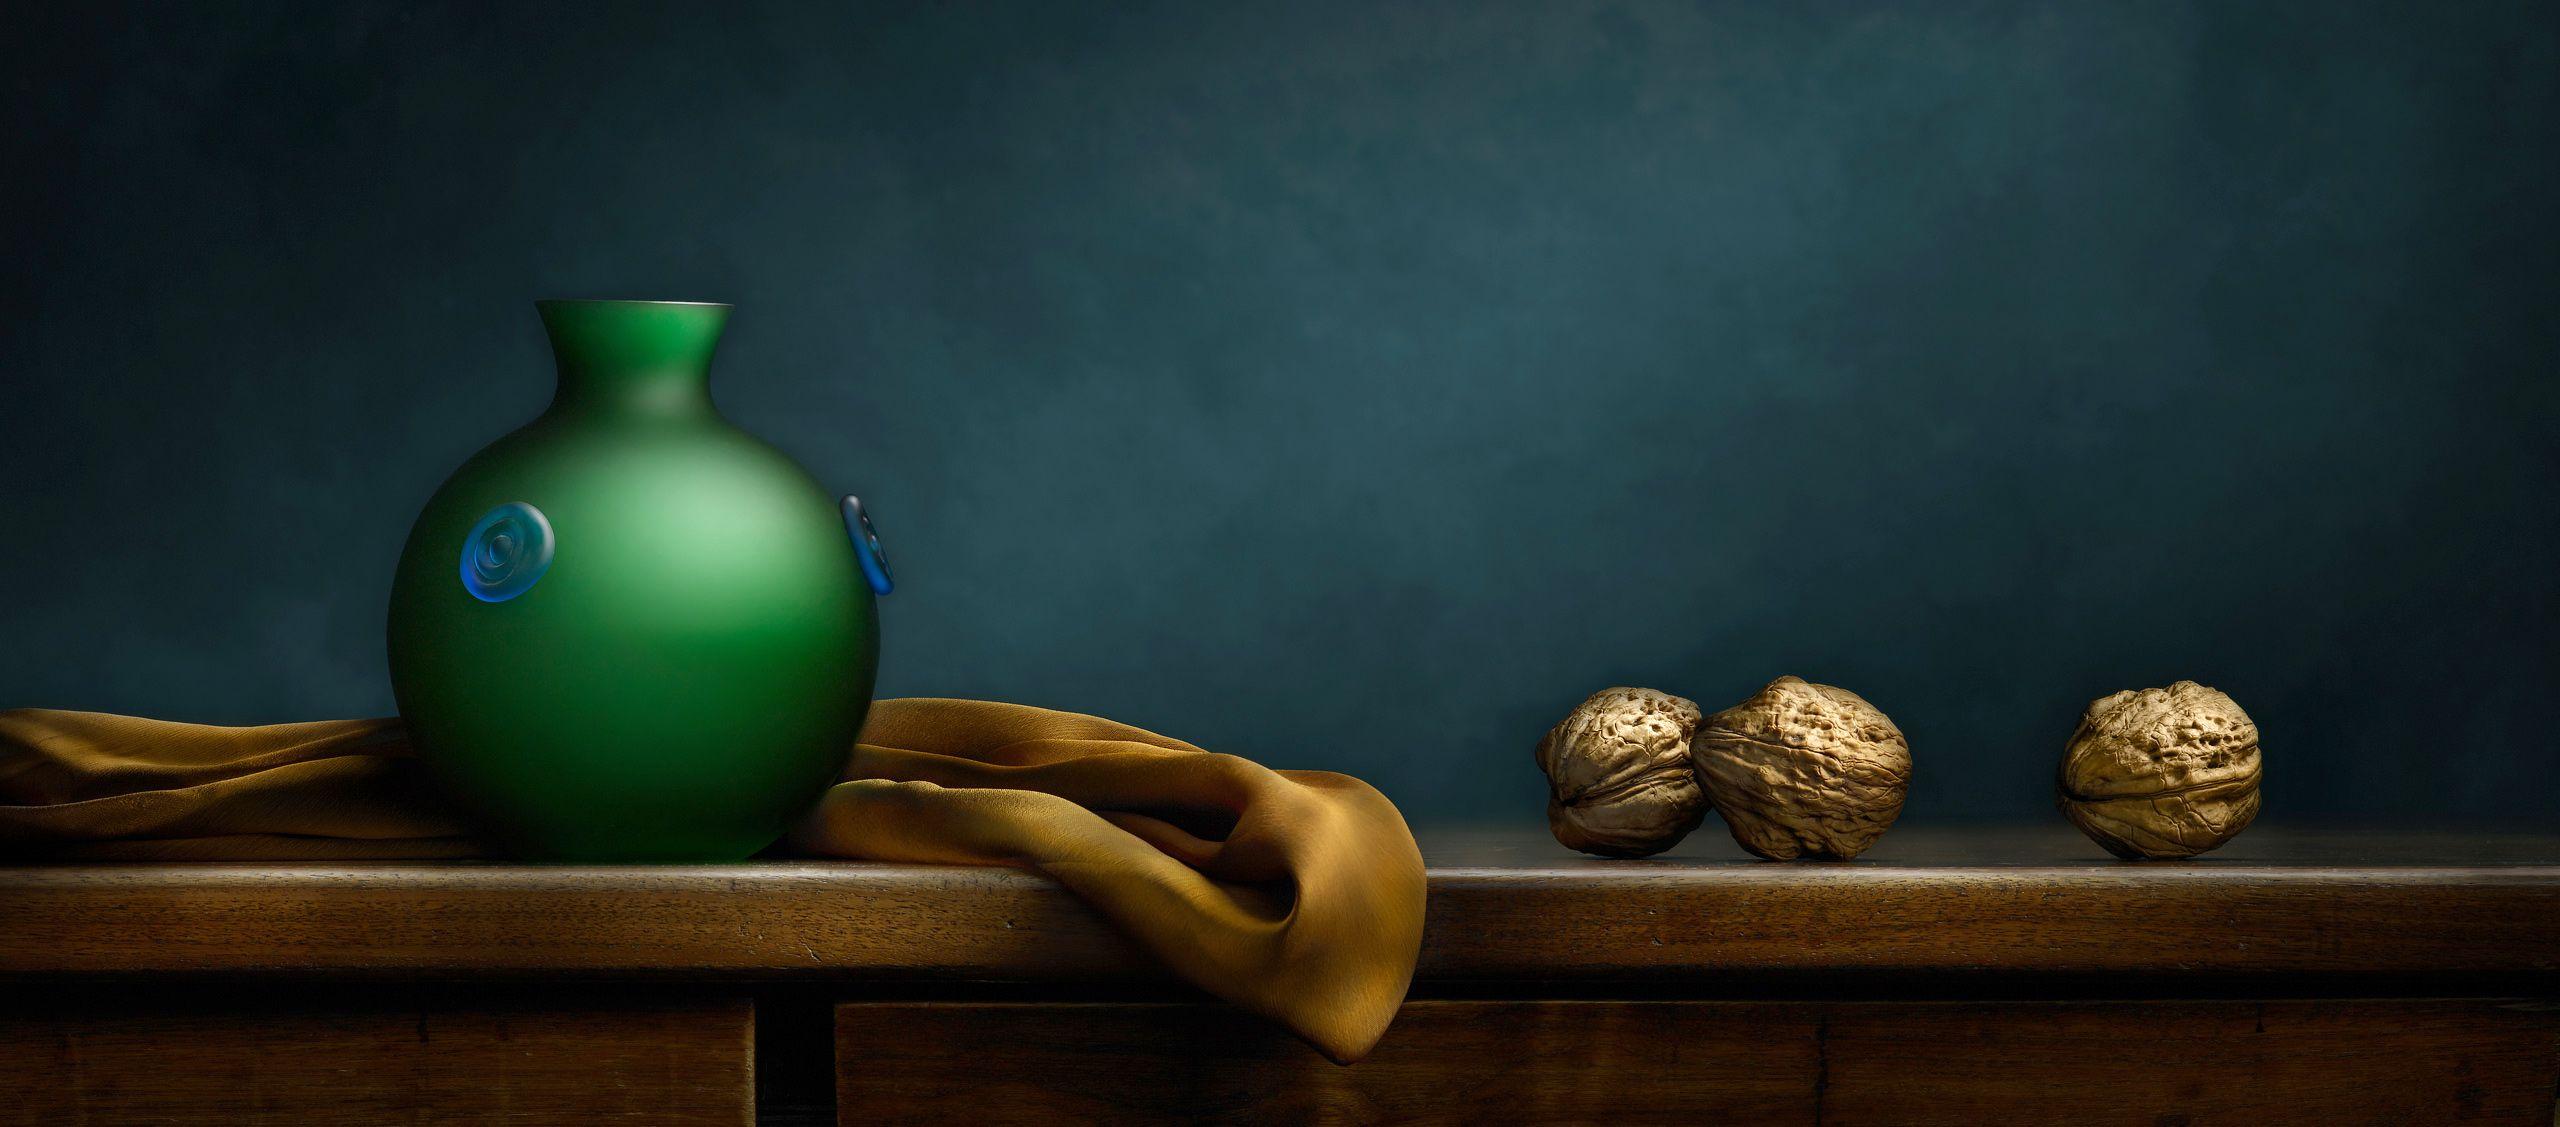 Still_Life_with_Green_Vase_and_Walnuts_LB.jpg